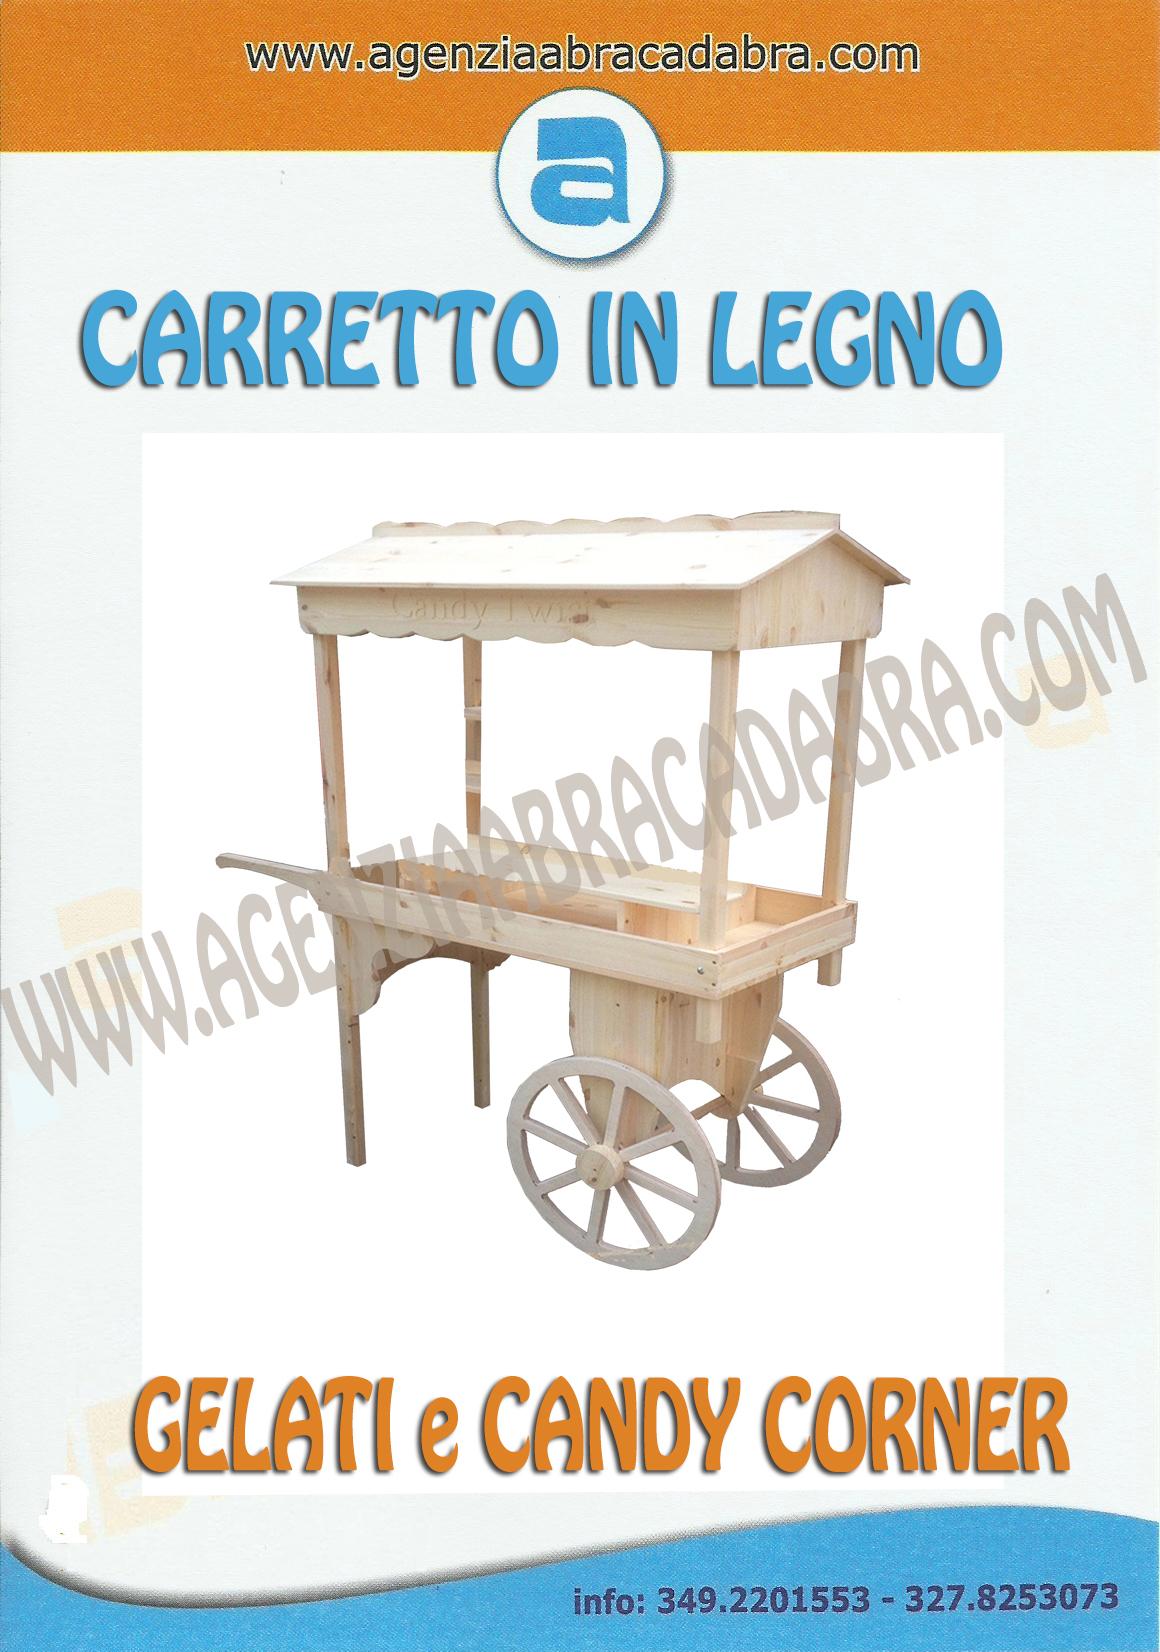 carretto-in-legno